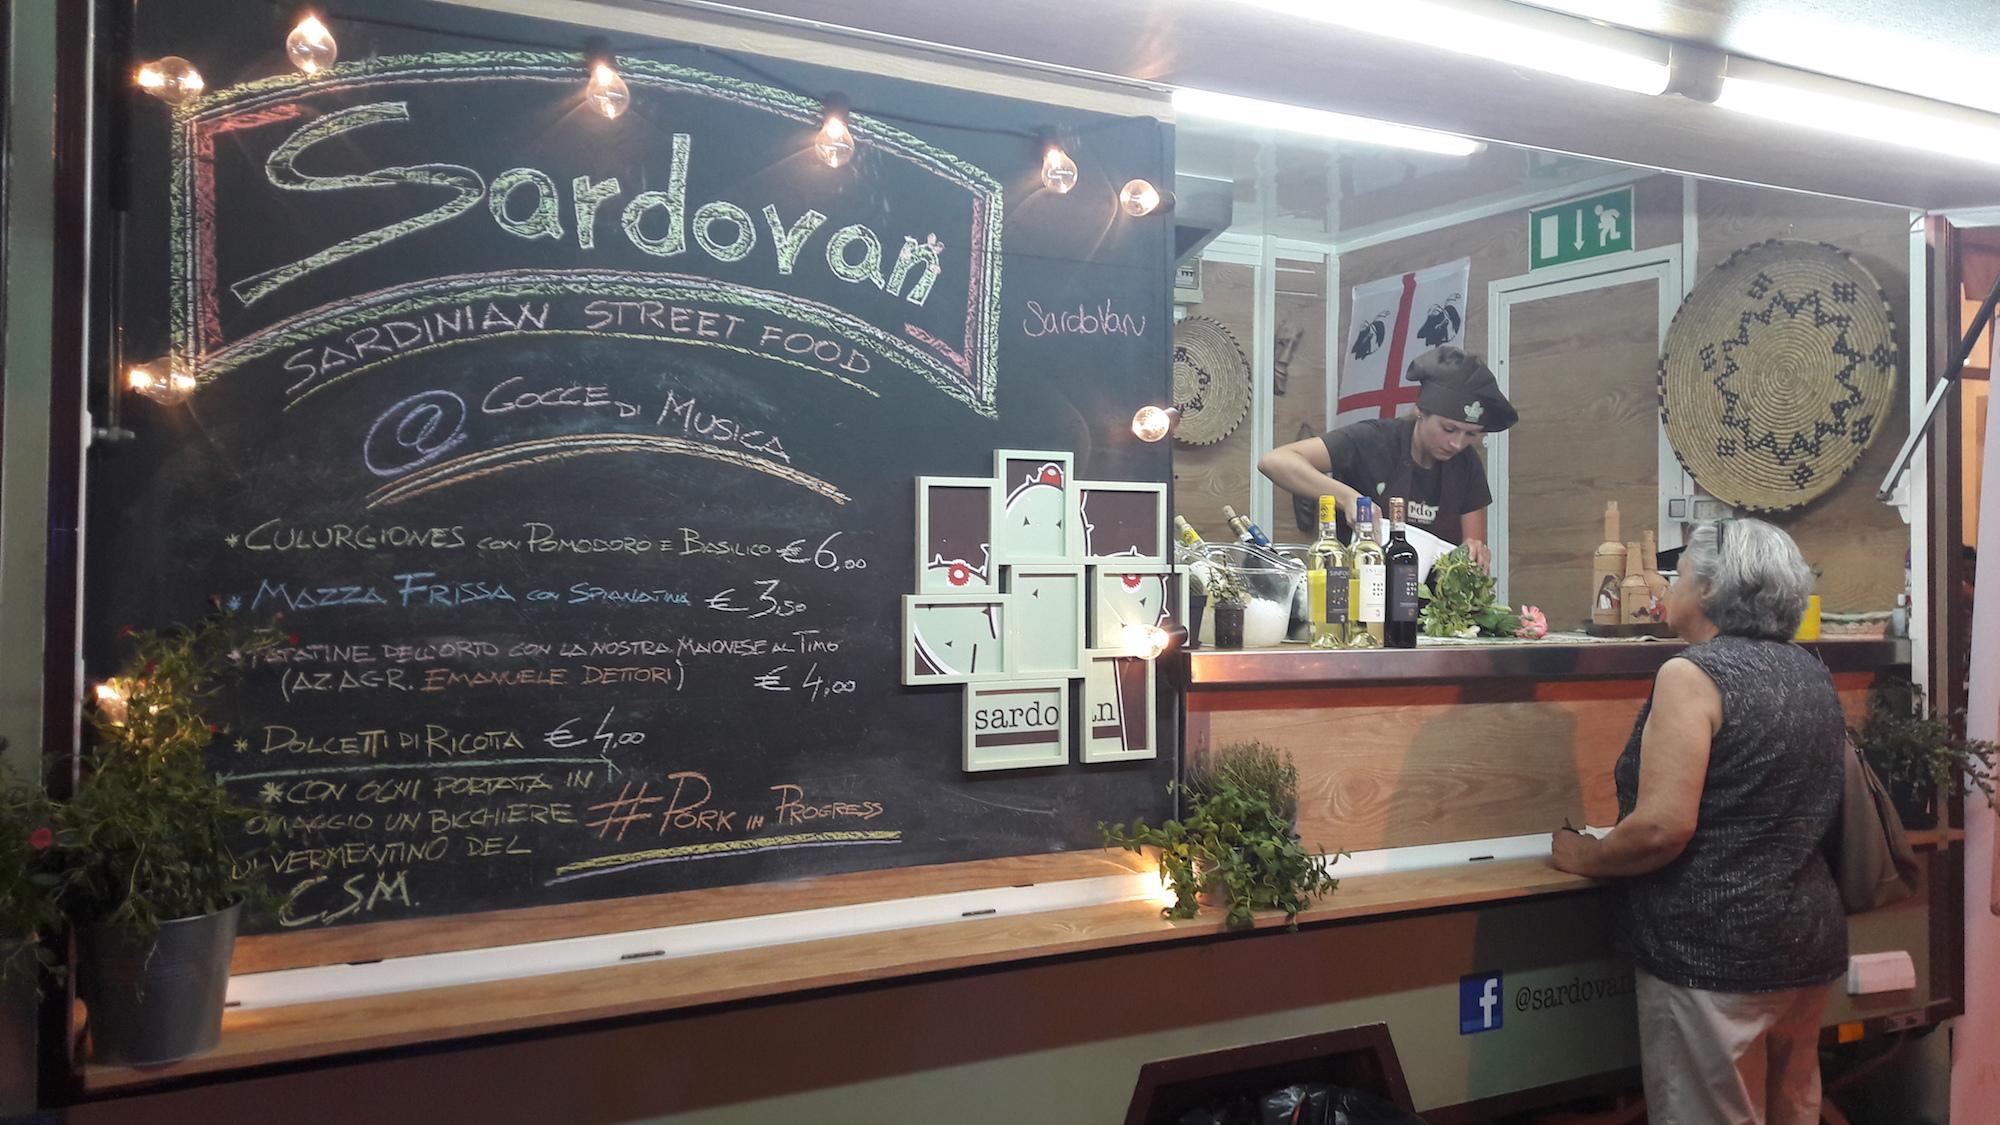 sardovan street food